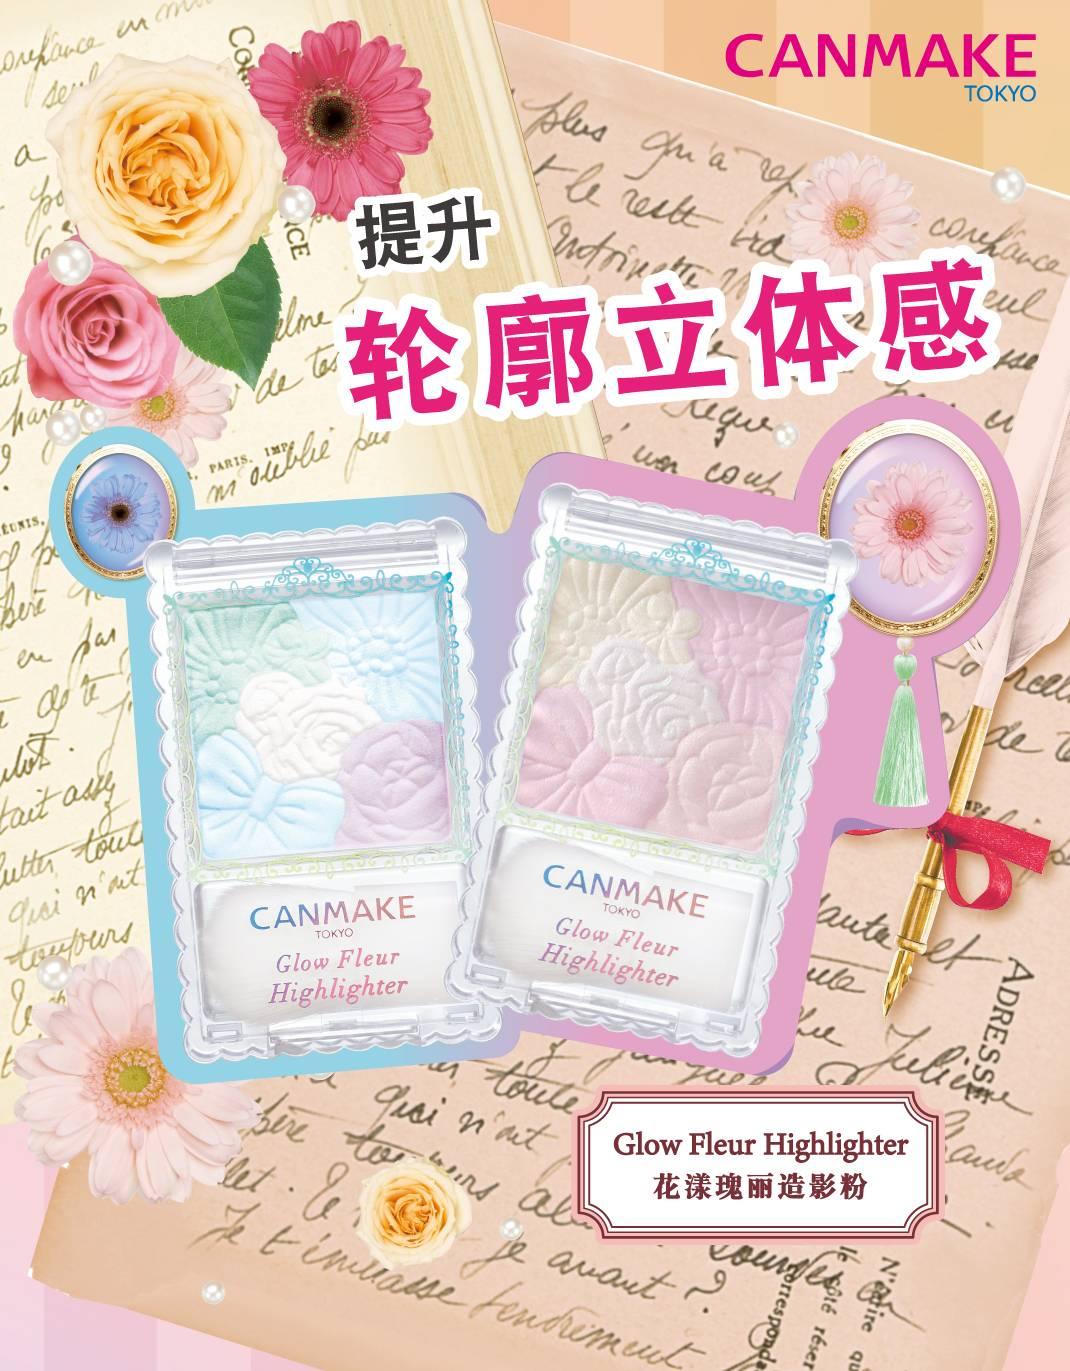 Glow Fleur Highlighter 花漾瑰丽造影粉